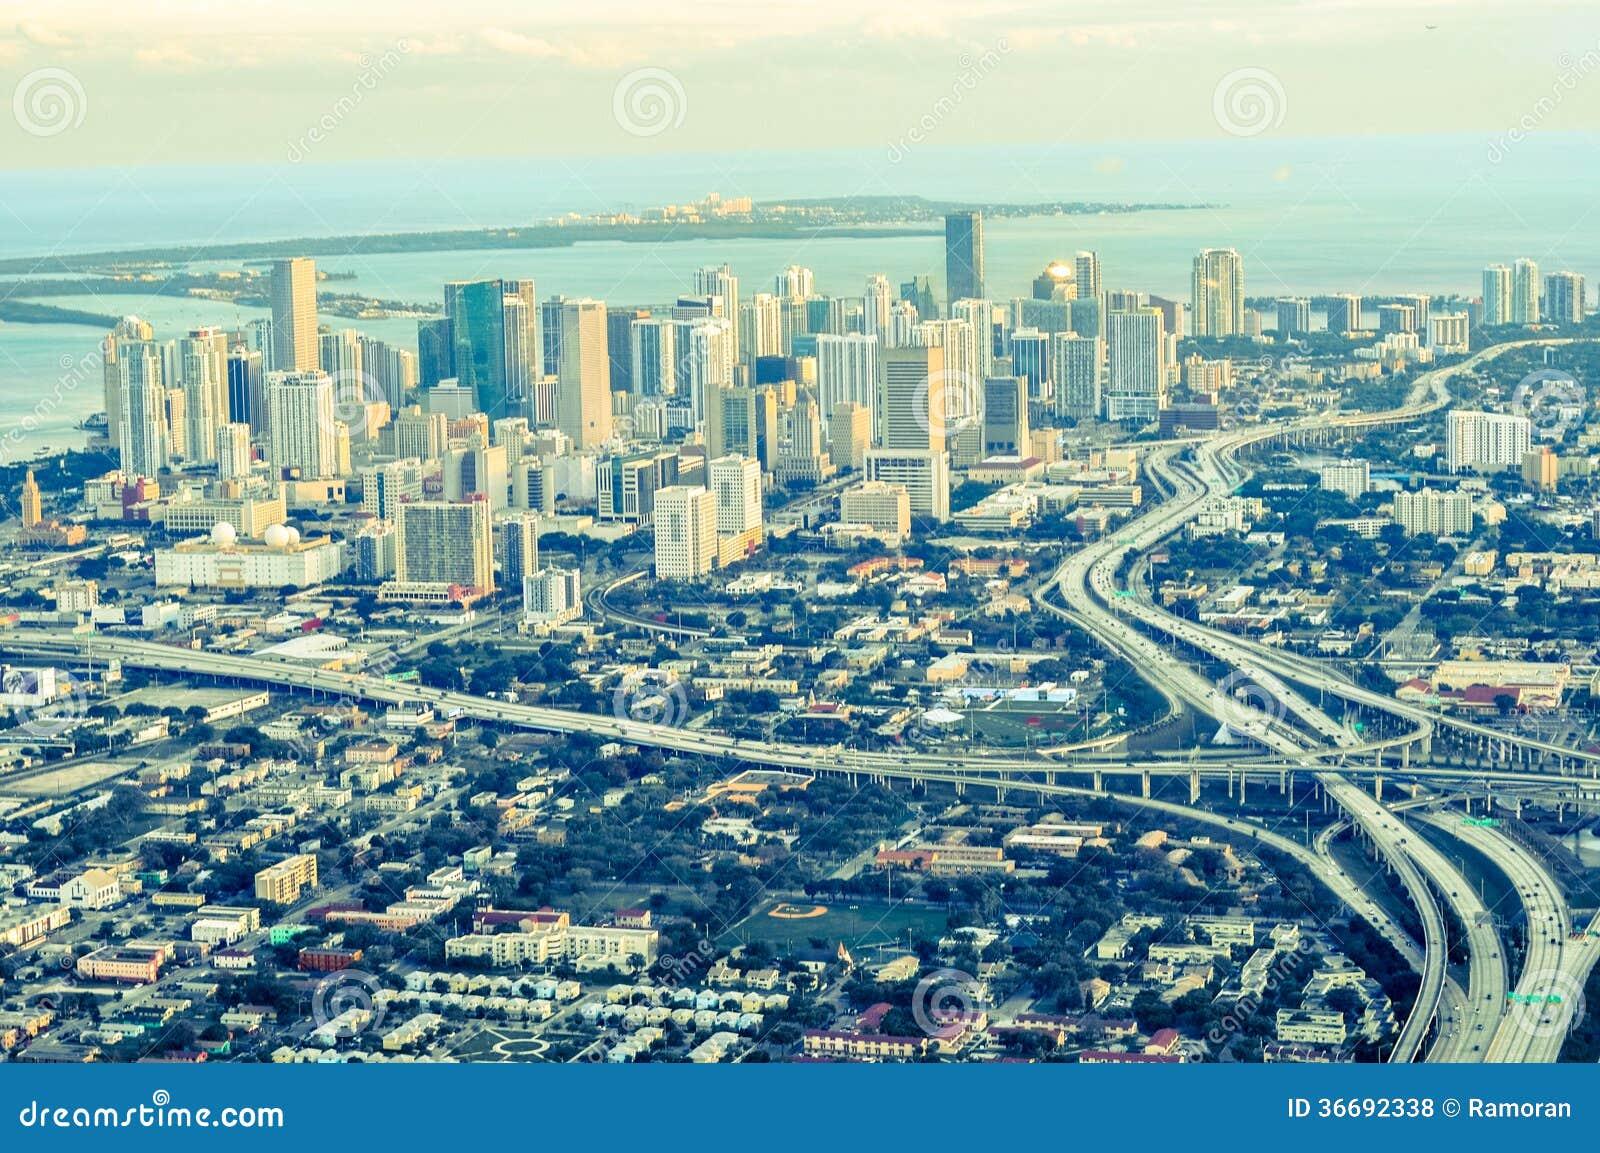 miami aerial view royalty free stock photos